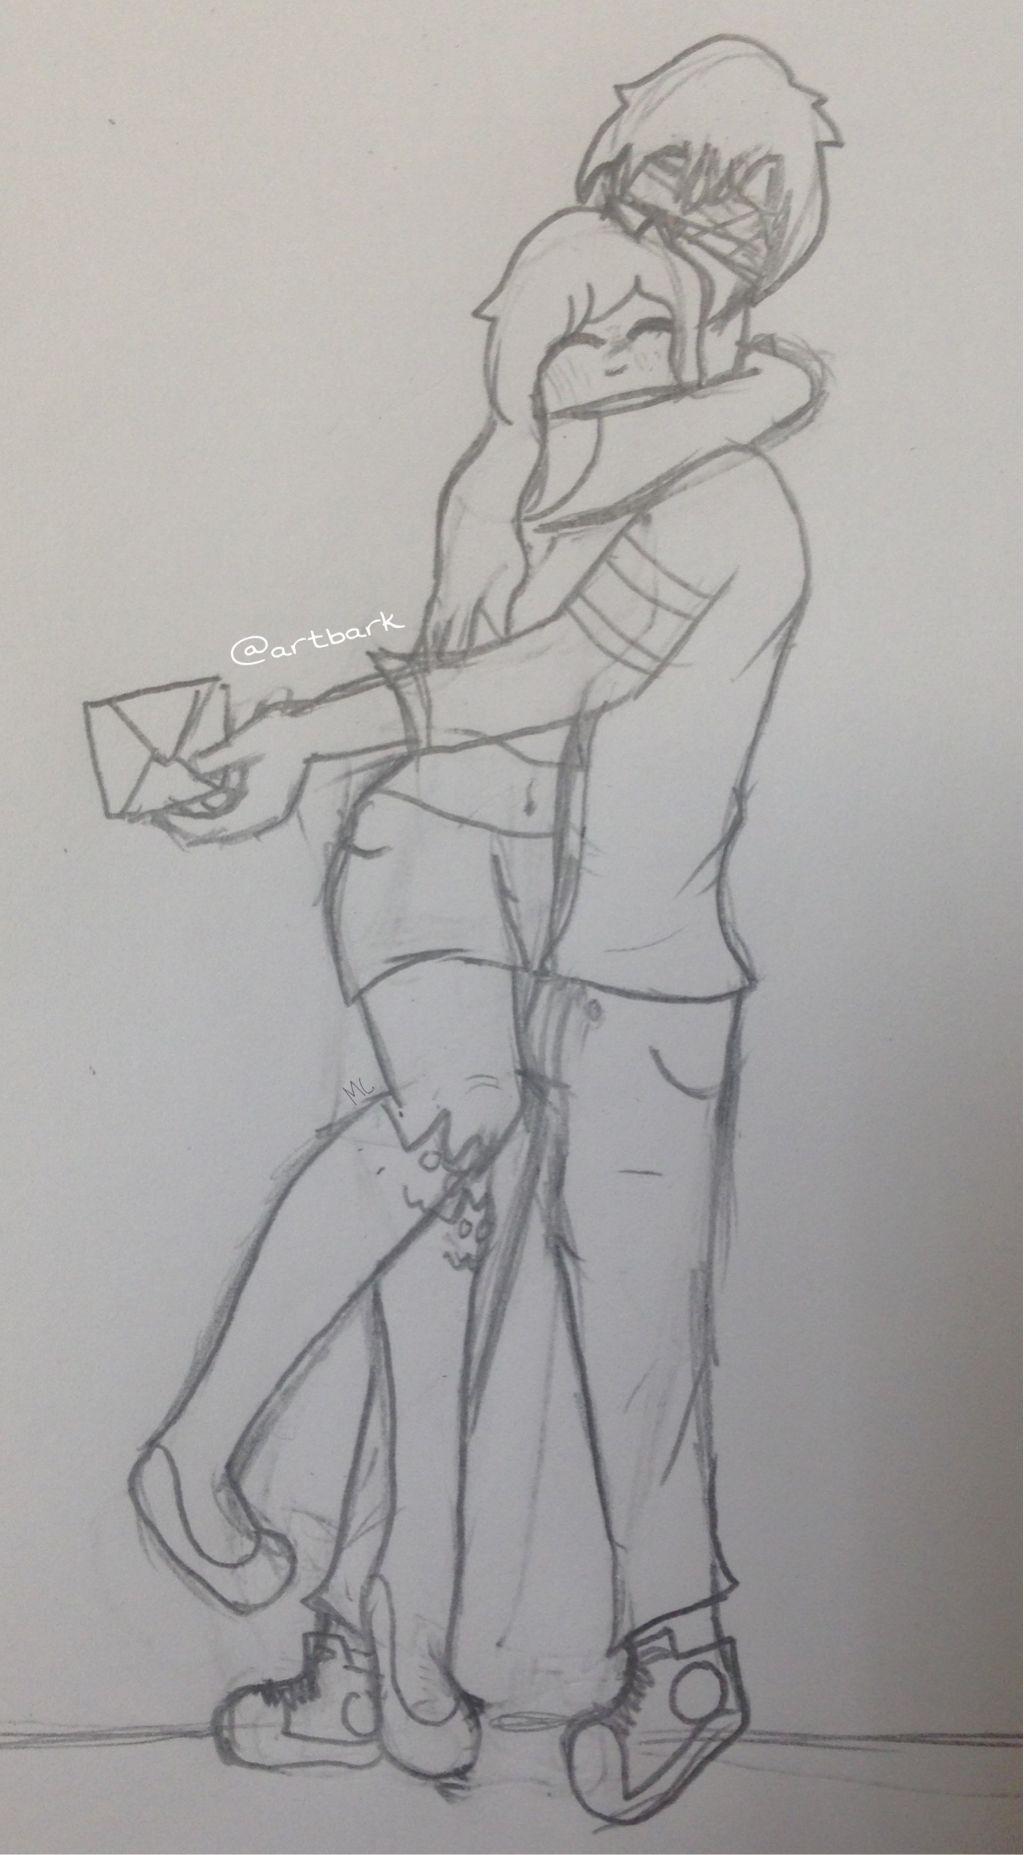 Aarmau aphmau aaron hugs hug quicksketch sketch